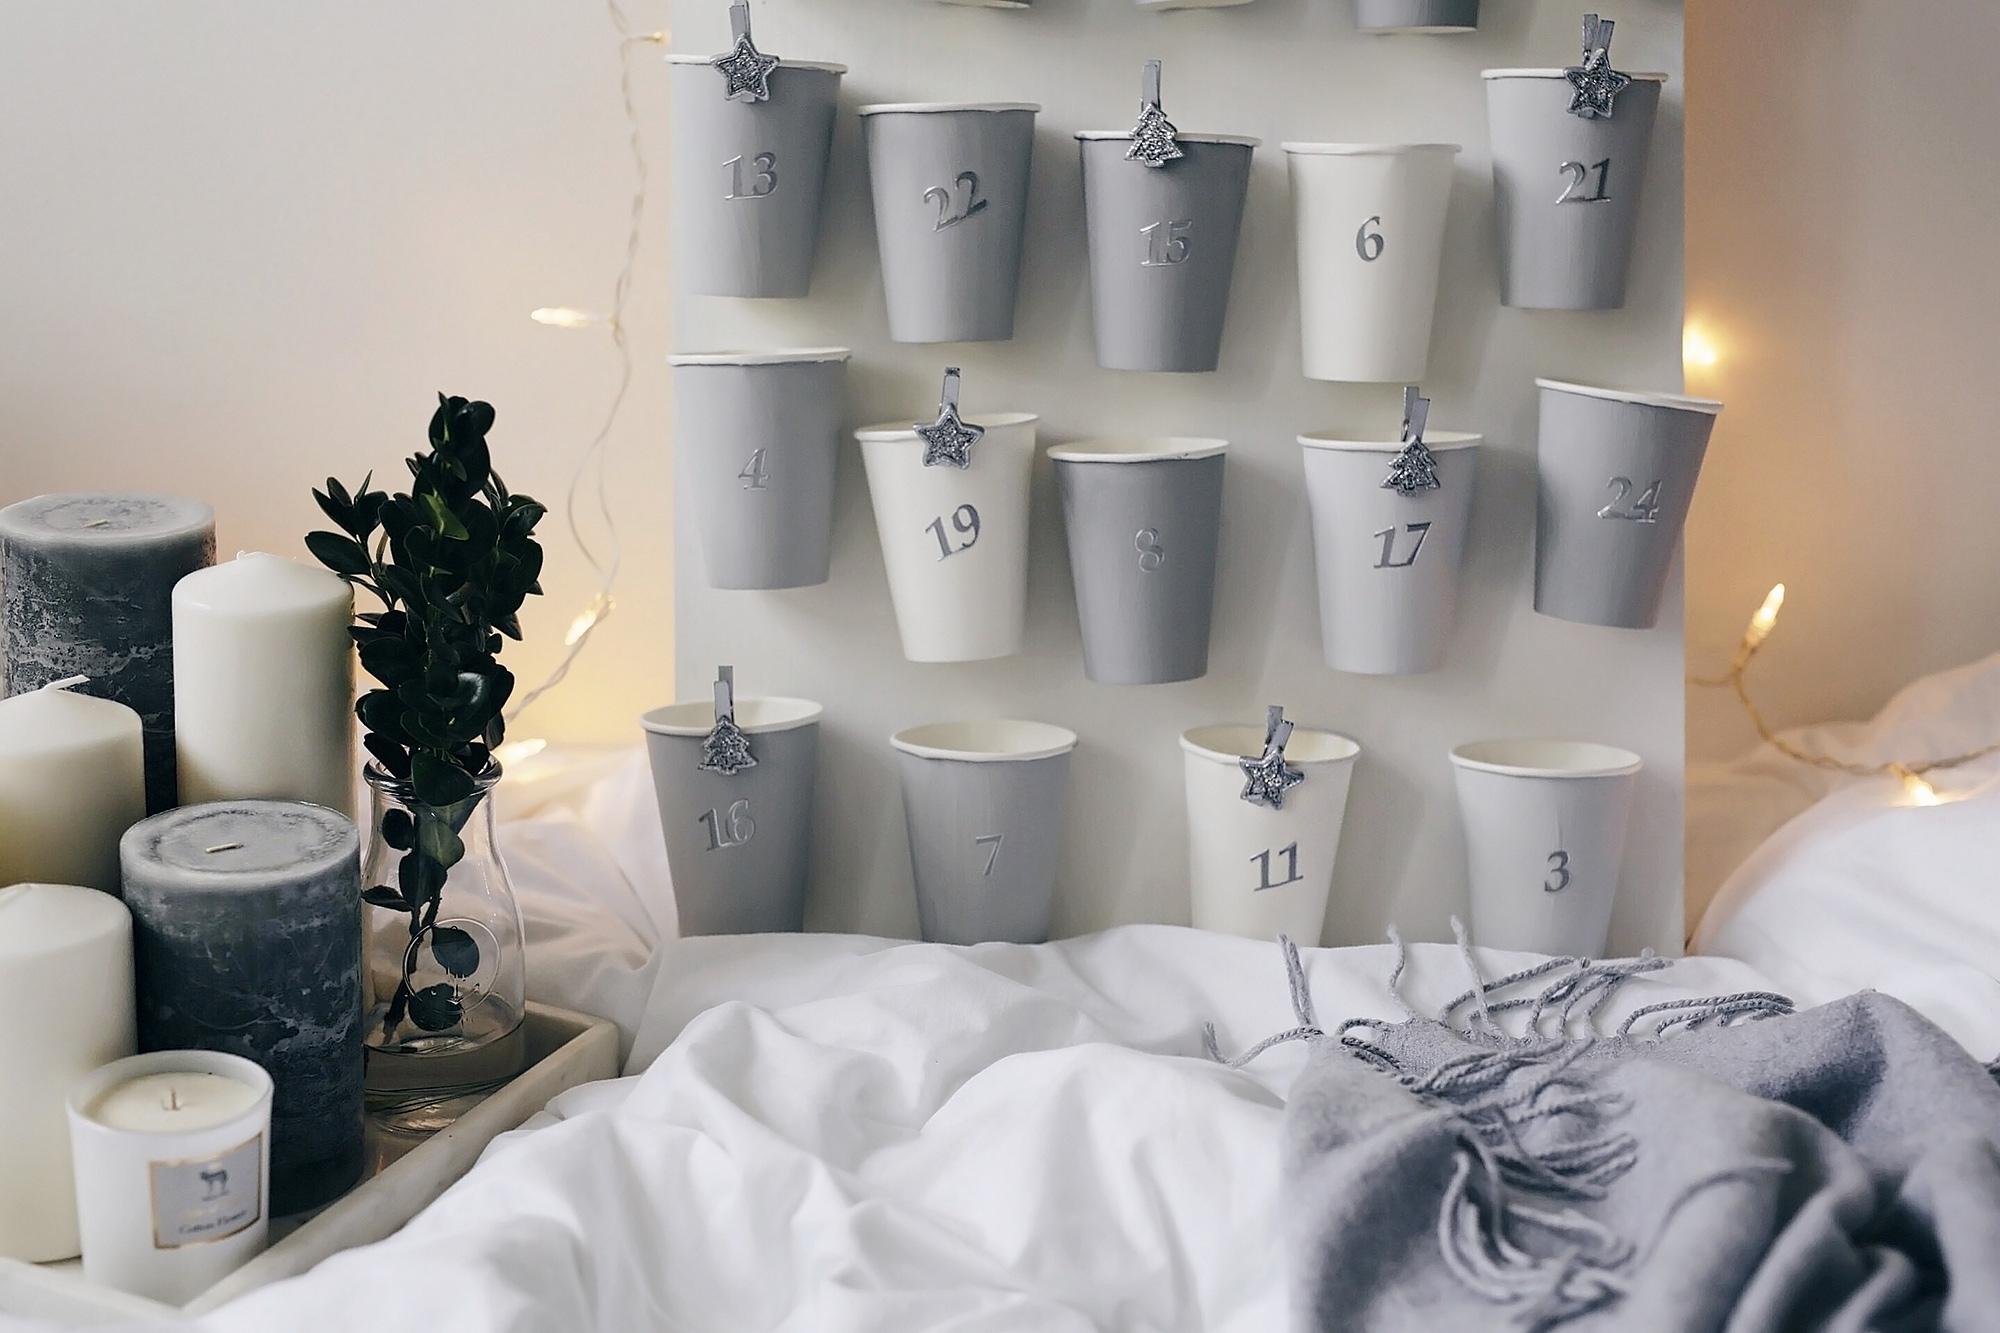 adventskalender do it yourself 1 valerie husemann fashion lifestyle blog. Black Bedroom Furniture Sets. Home Design Ideas